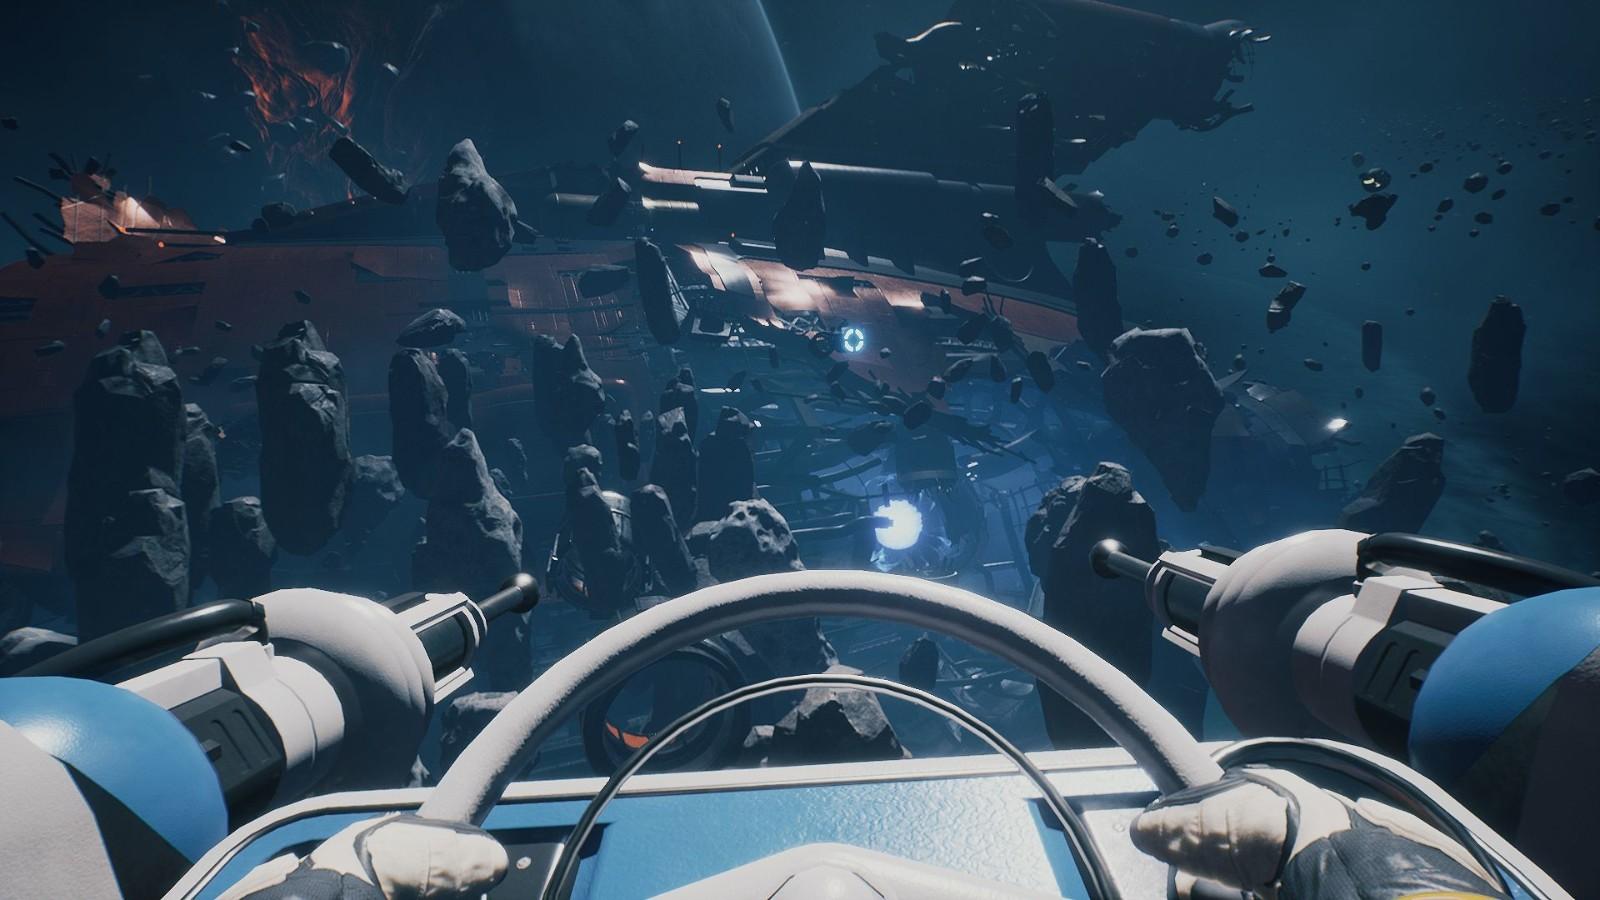 太空冒险游戏《呼吸边缘》正式发售 Steam特别好评